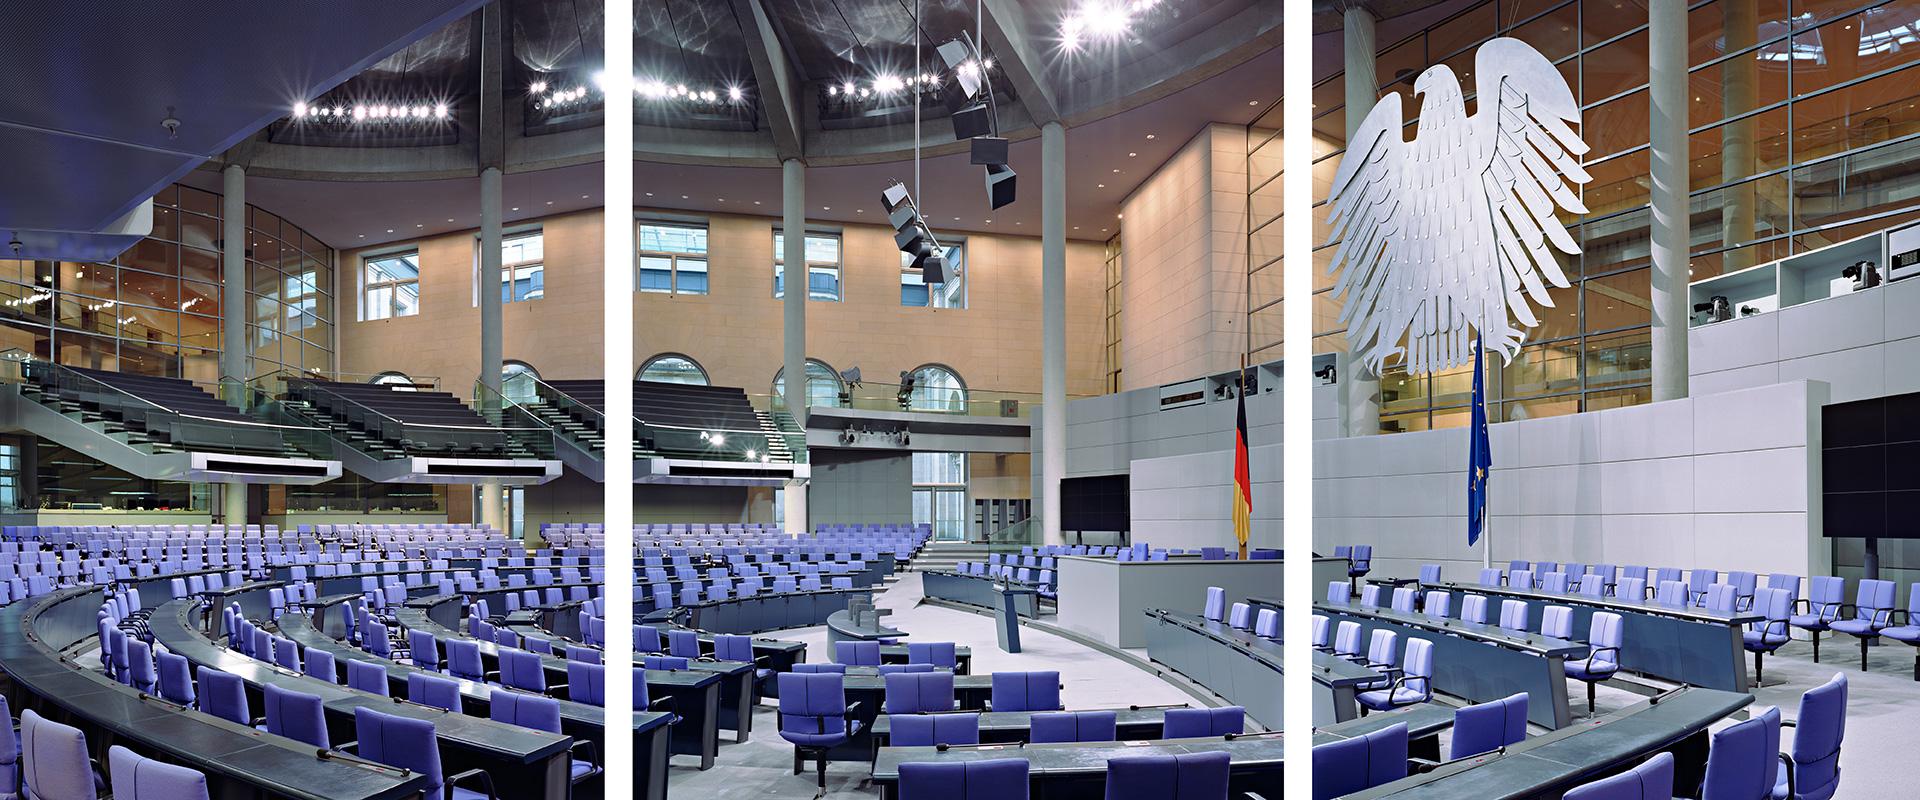 2_Nico Bick, Bundestag, Berlino